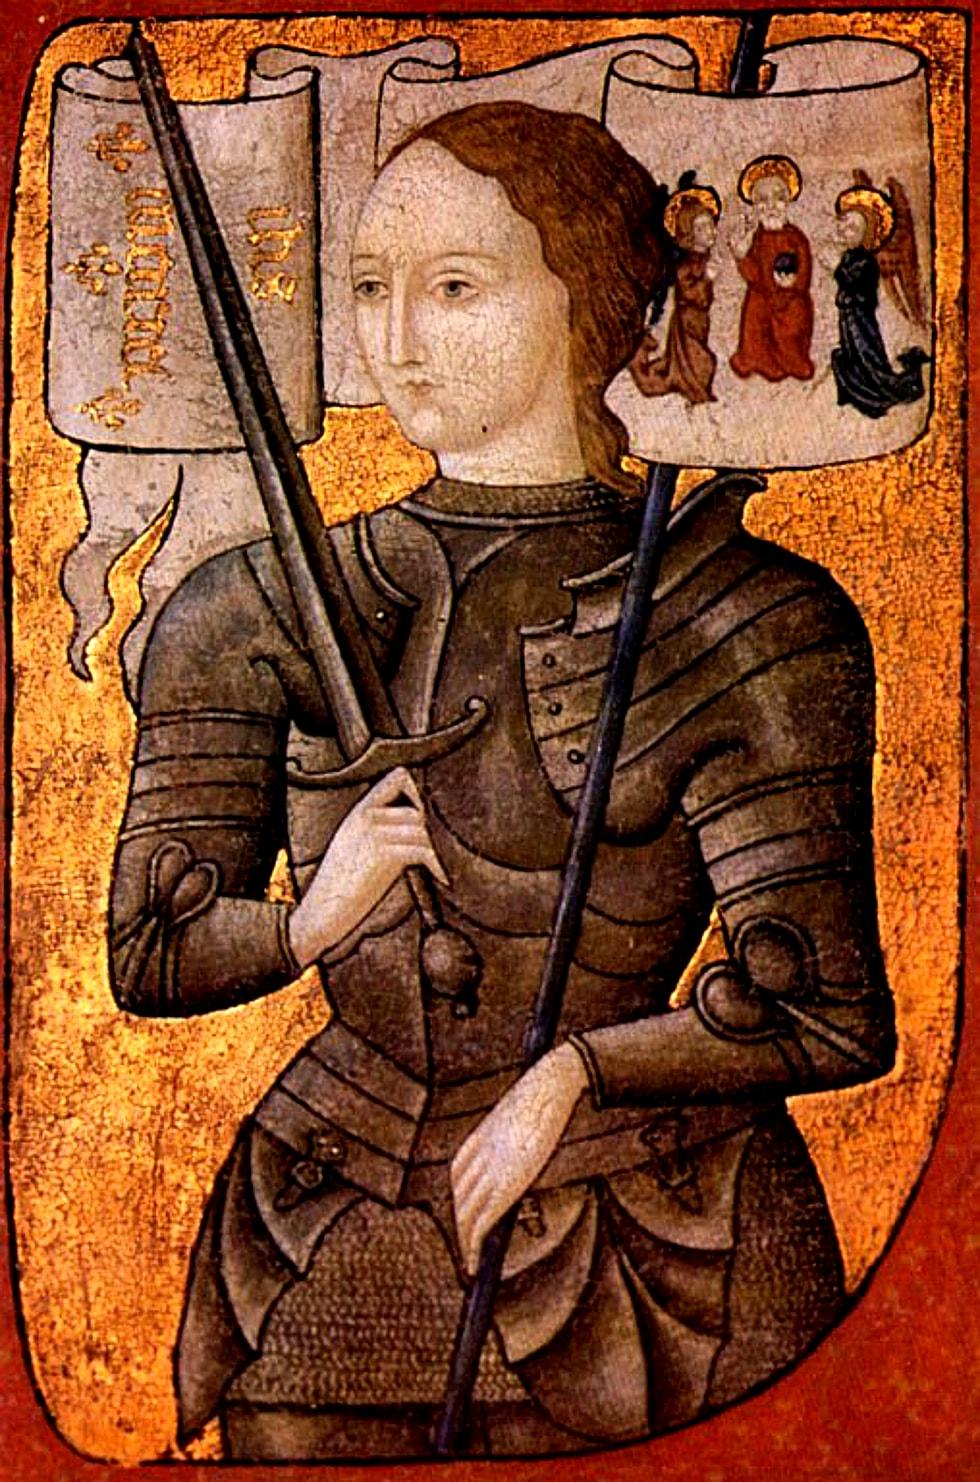 Kunstniku tõlgendus Jeanne d'Arcist 15. sajandi lõpus. Pilt: Wikipedia